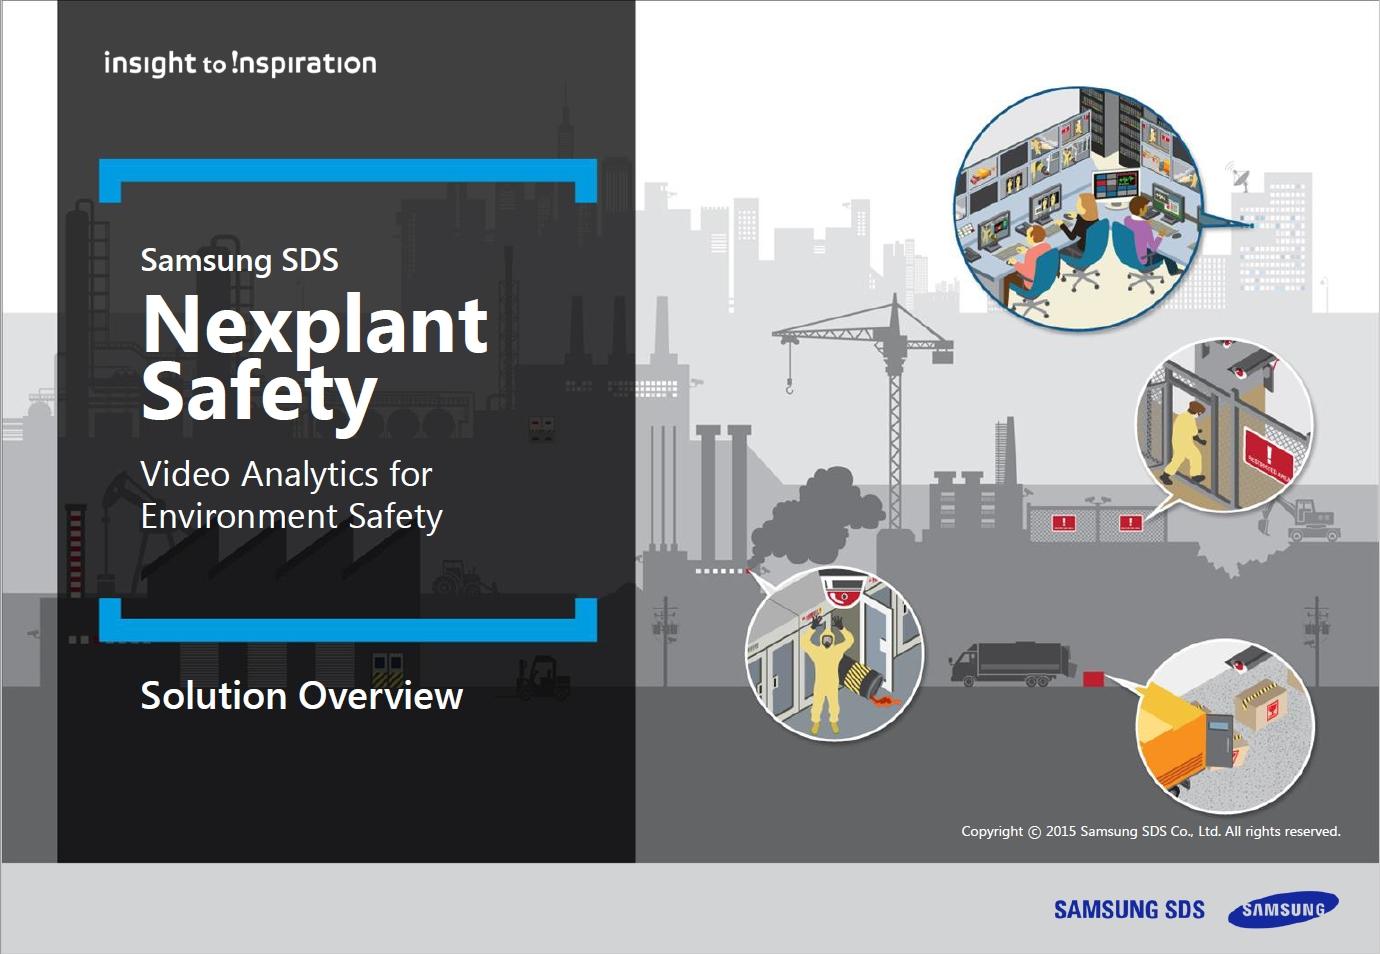 [Nexplant Safety][PRESENTATION] O novo padrão de segurança para suas operações (A new standard of safety for your operations)